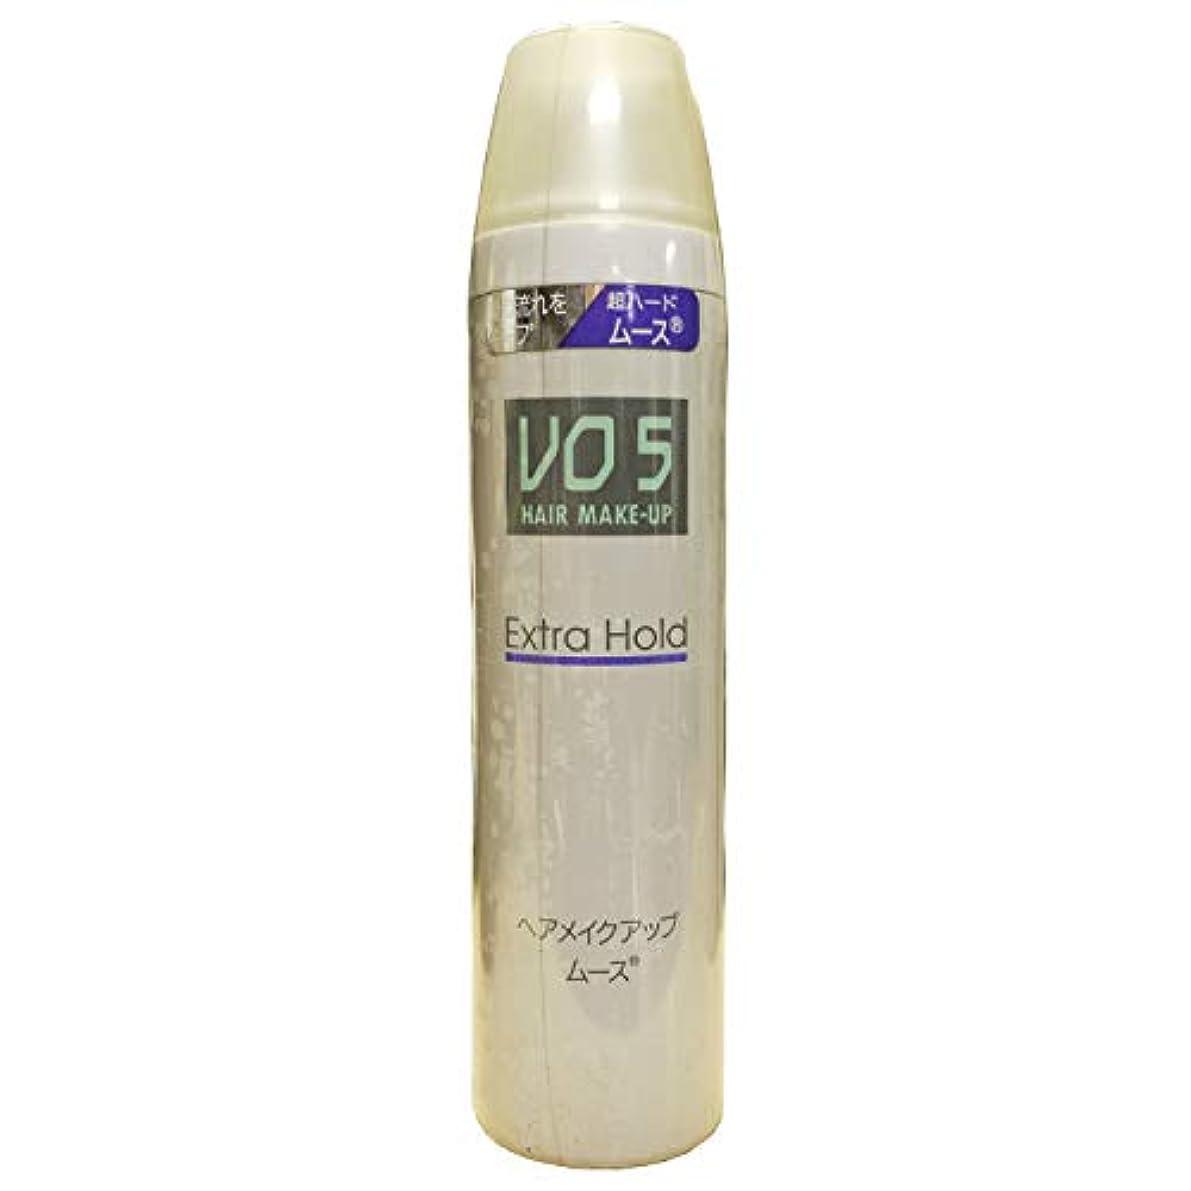 兄弟愛凝縮する煙突VO5 ヘアメイクアップムース エクストラホールド 150g